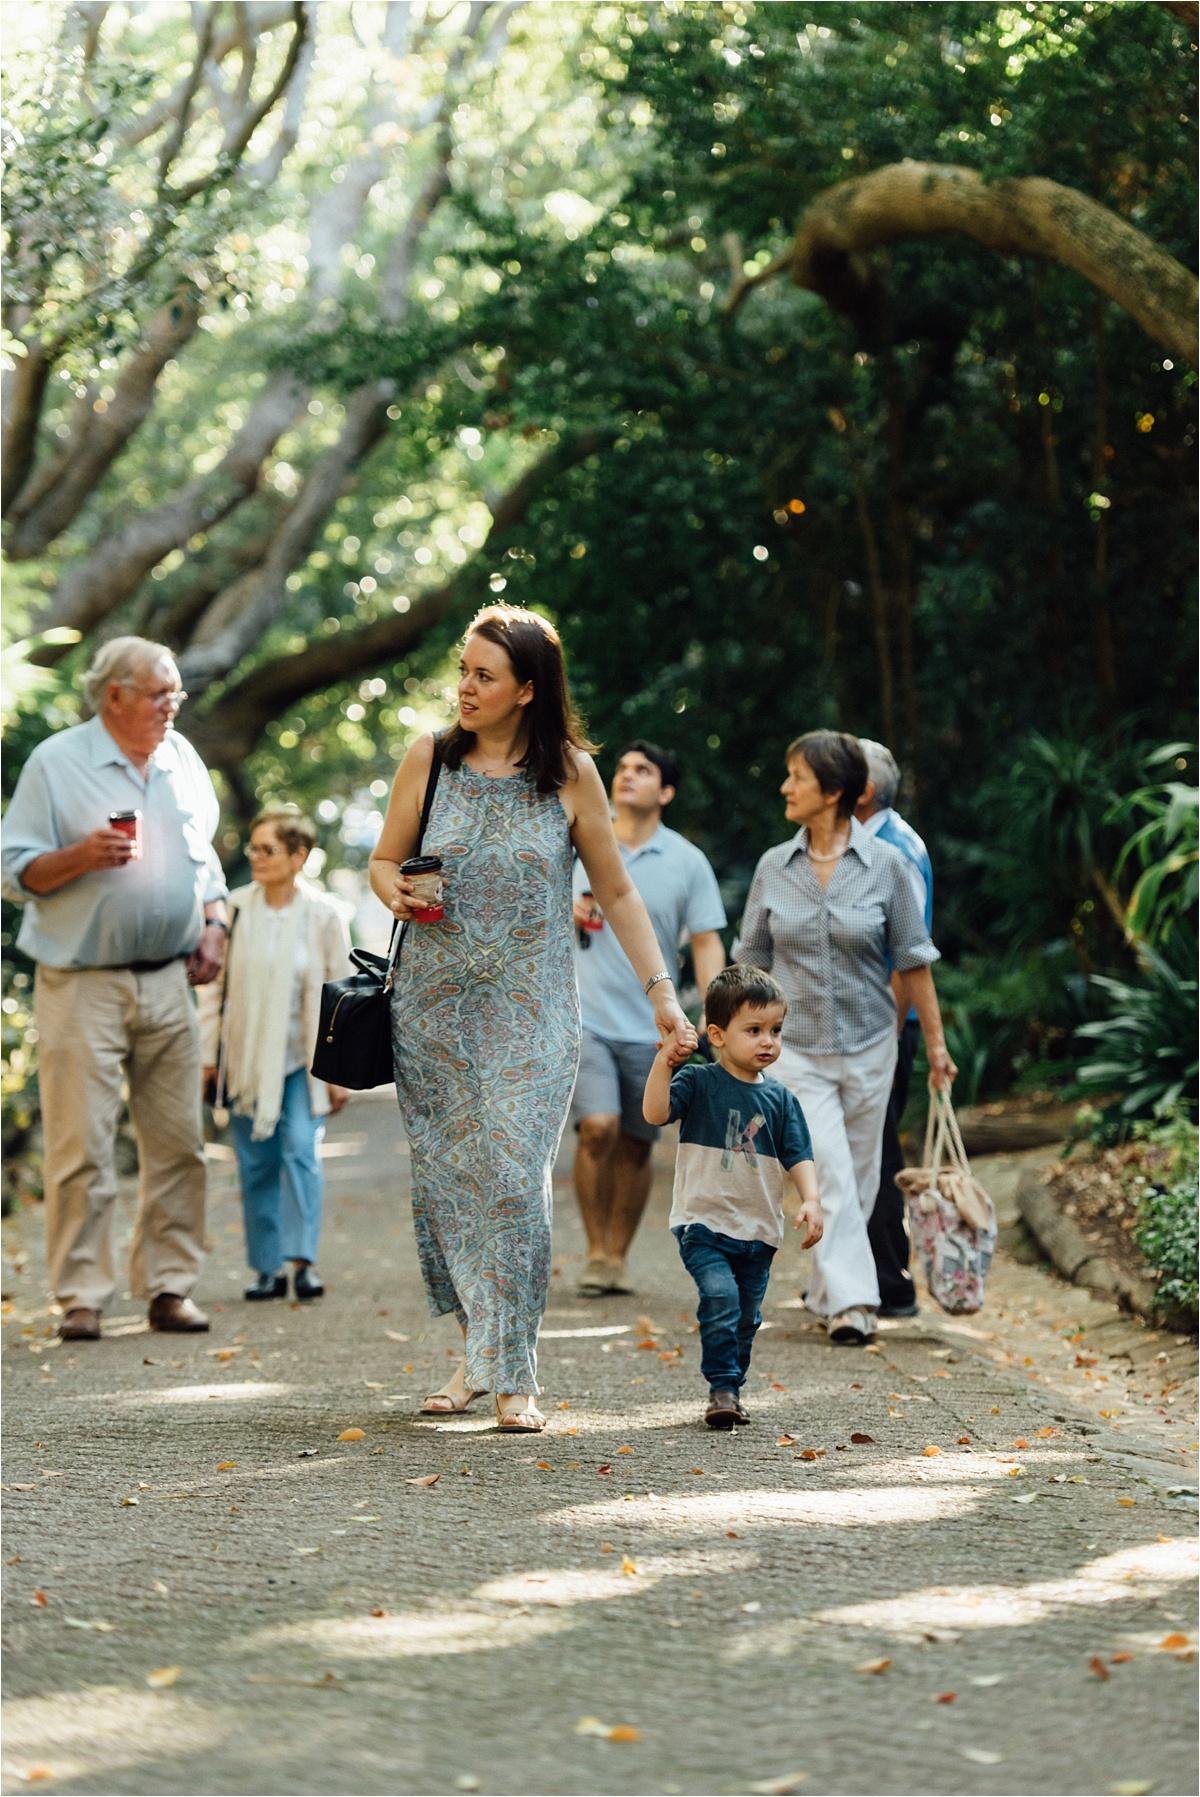 thephotfarm_family_session_Kirstenbosch_0049.jpg